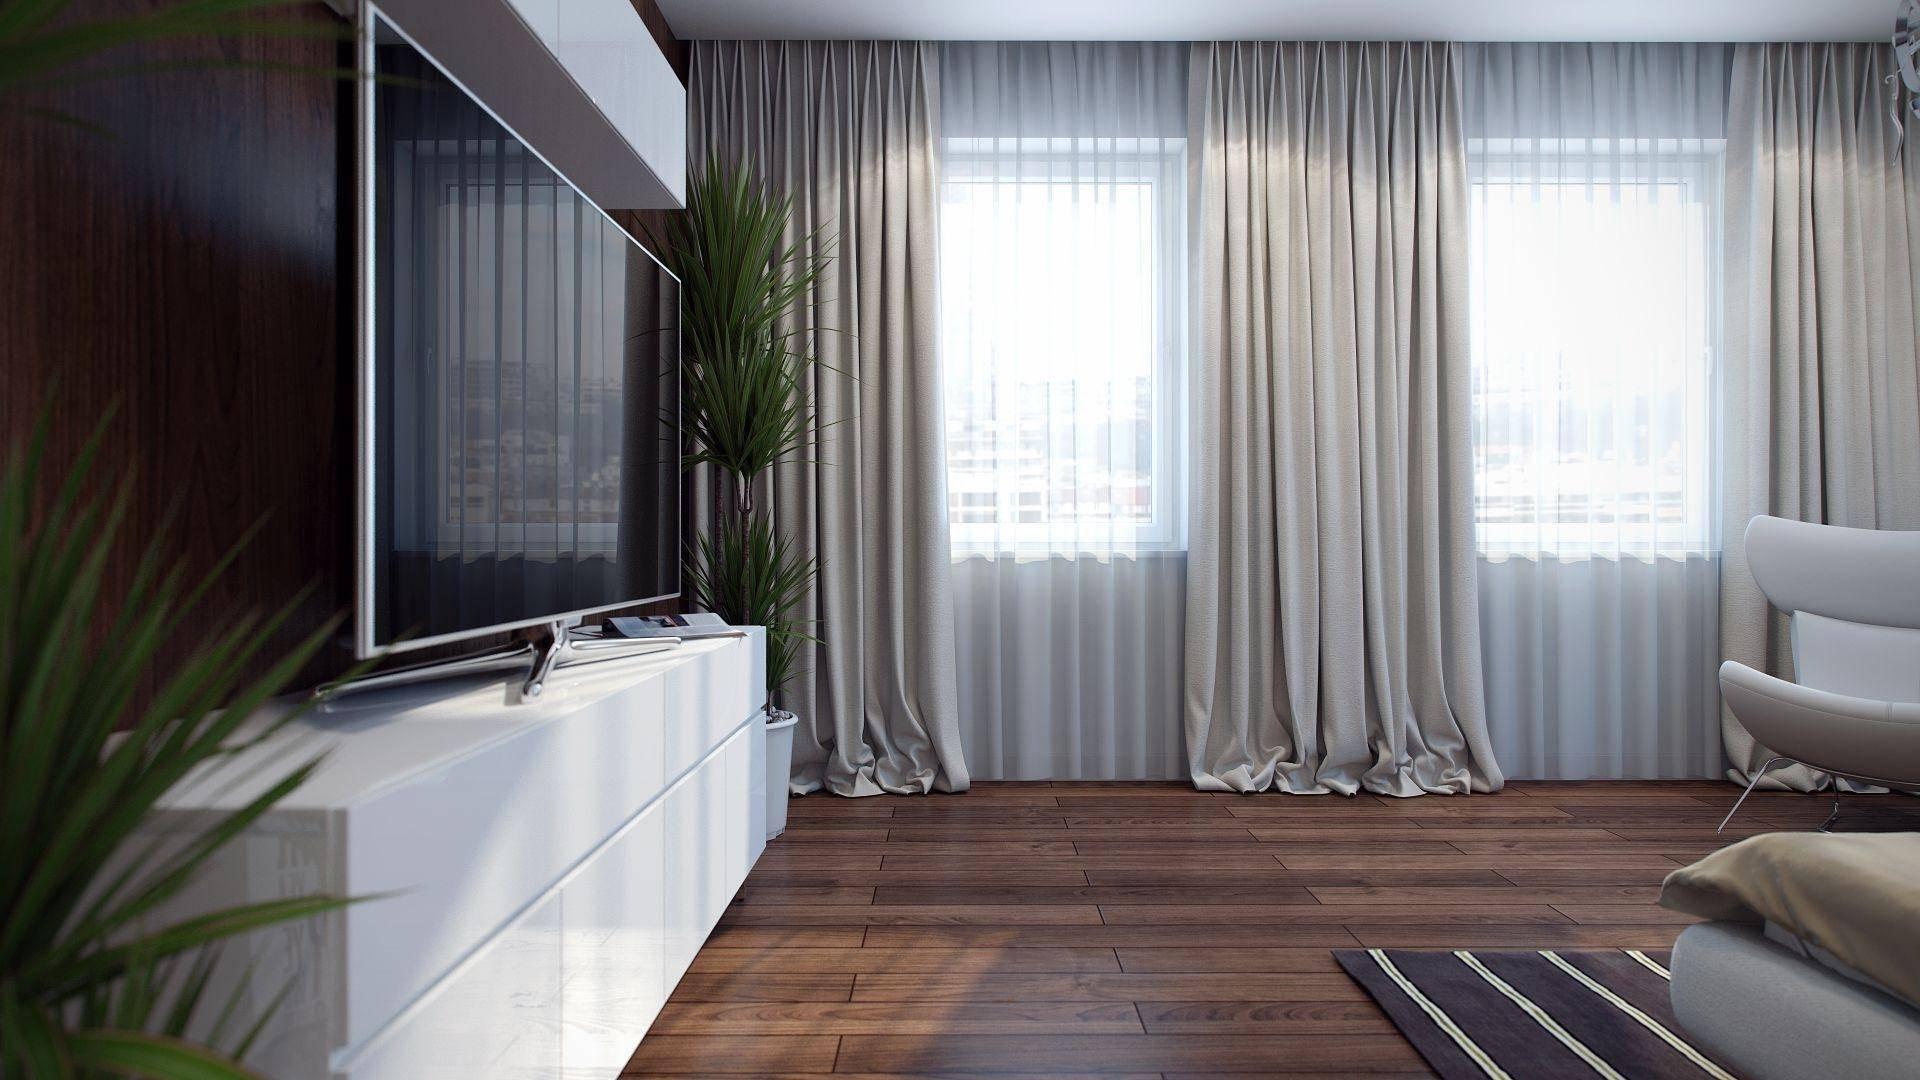 Как повесить шторы на нестандартные окна - фото, идеи, варианты